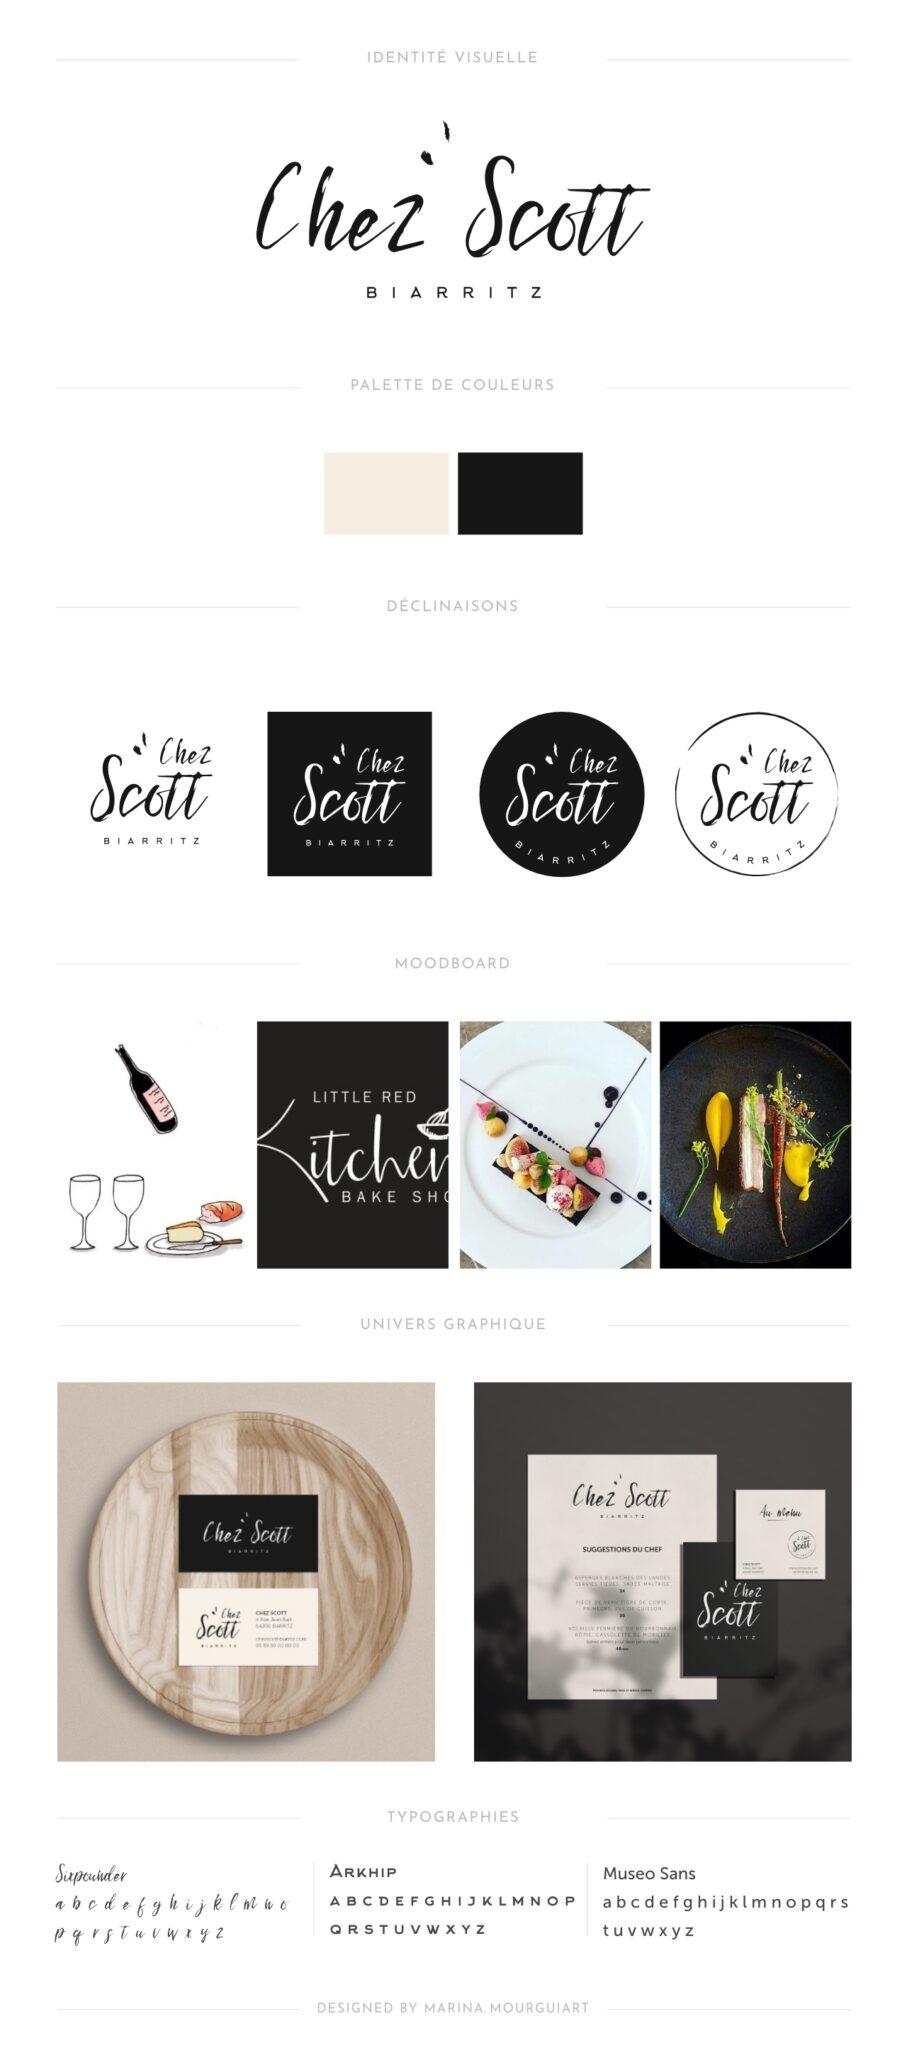 Brand board restaurant Chez Scott Biarritz - identité visuelle - logo